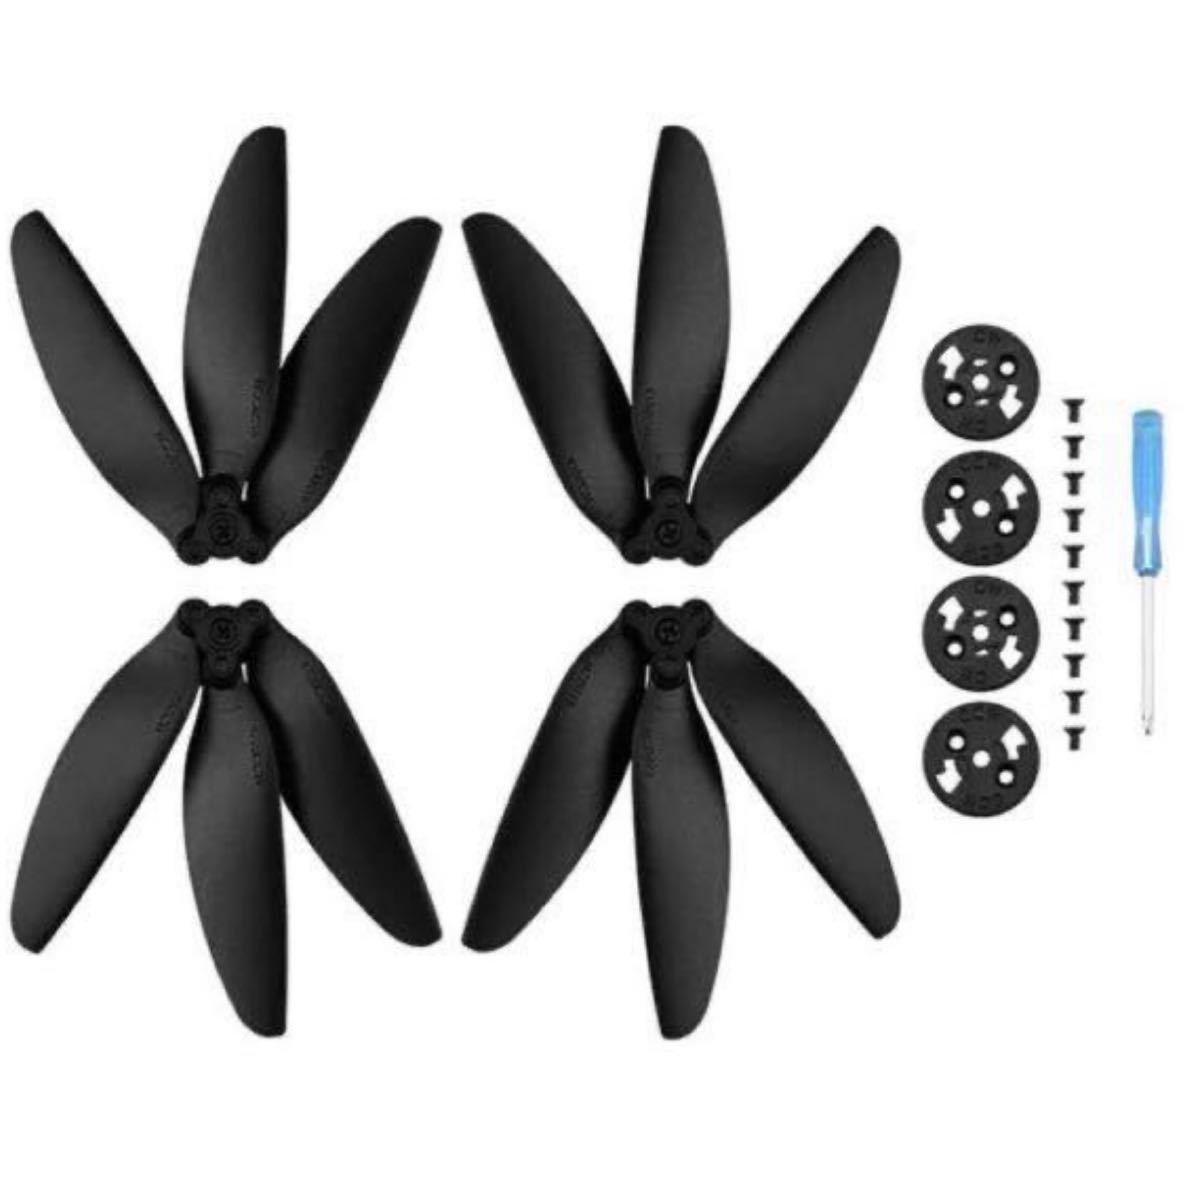 DJI mini2 mavic mini マビックミニ 3枚羽 3プロペラ 静音プロペラ クイックリリース 2セット